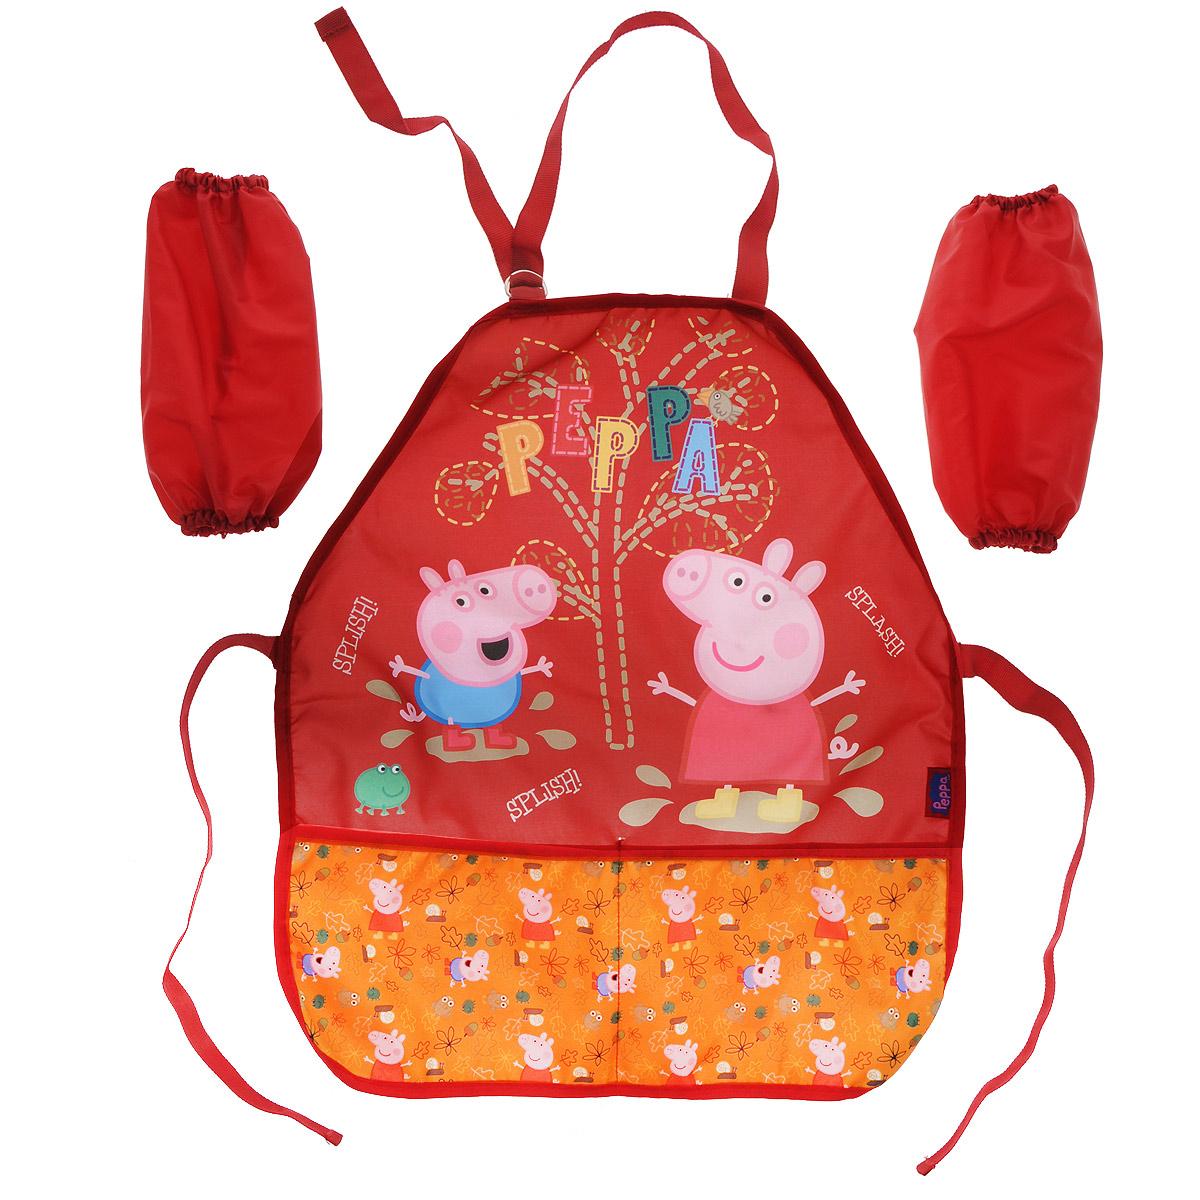 Купить Фартук Свинка Пеппа , с нарукавниками, цвет: красный, Peppa Pig, Аксессуары для труда